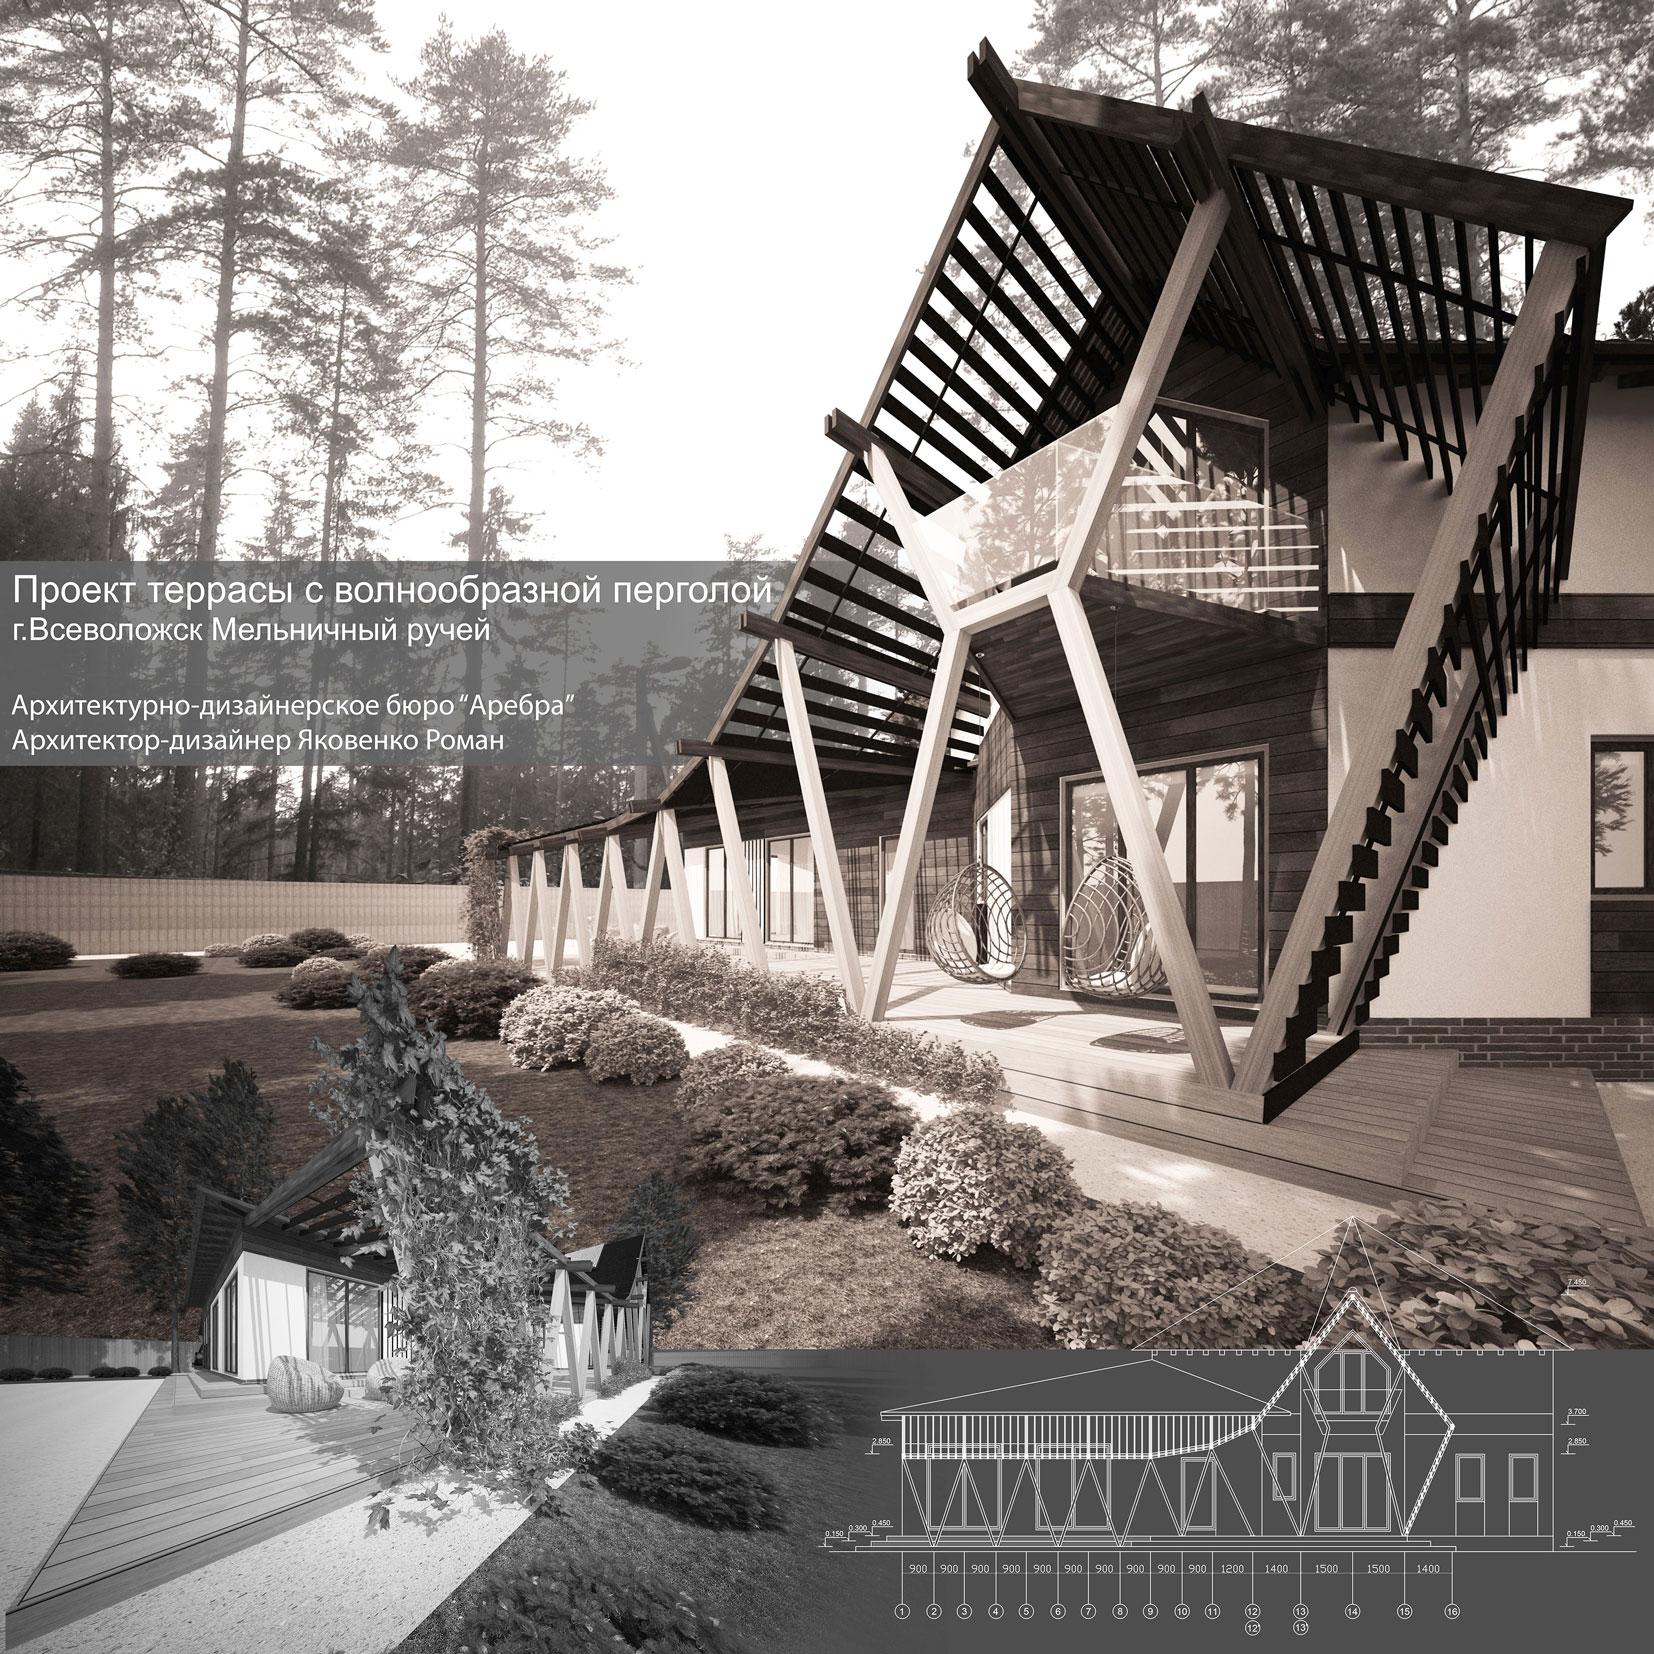 Дизайн проект экстерьера коттеджа, Мельничный ручей